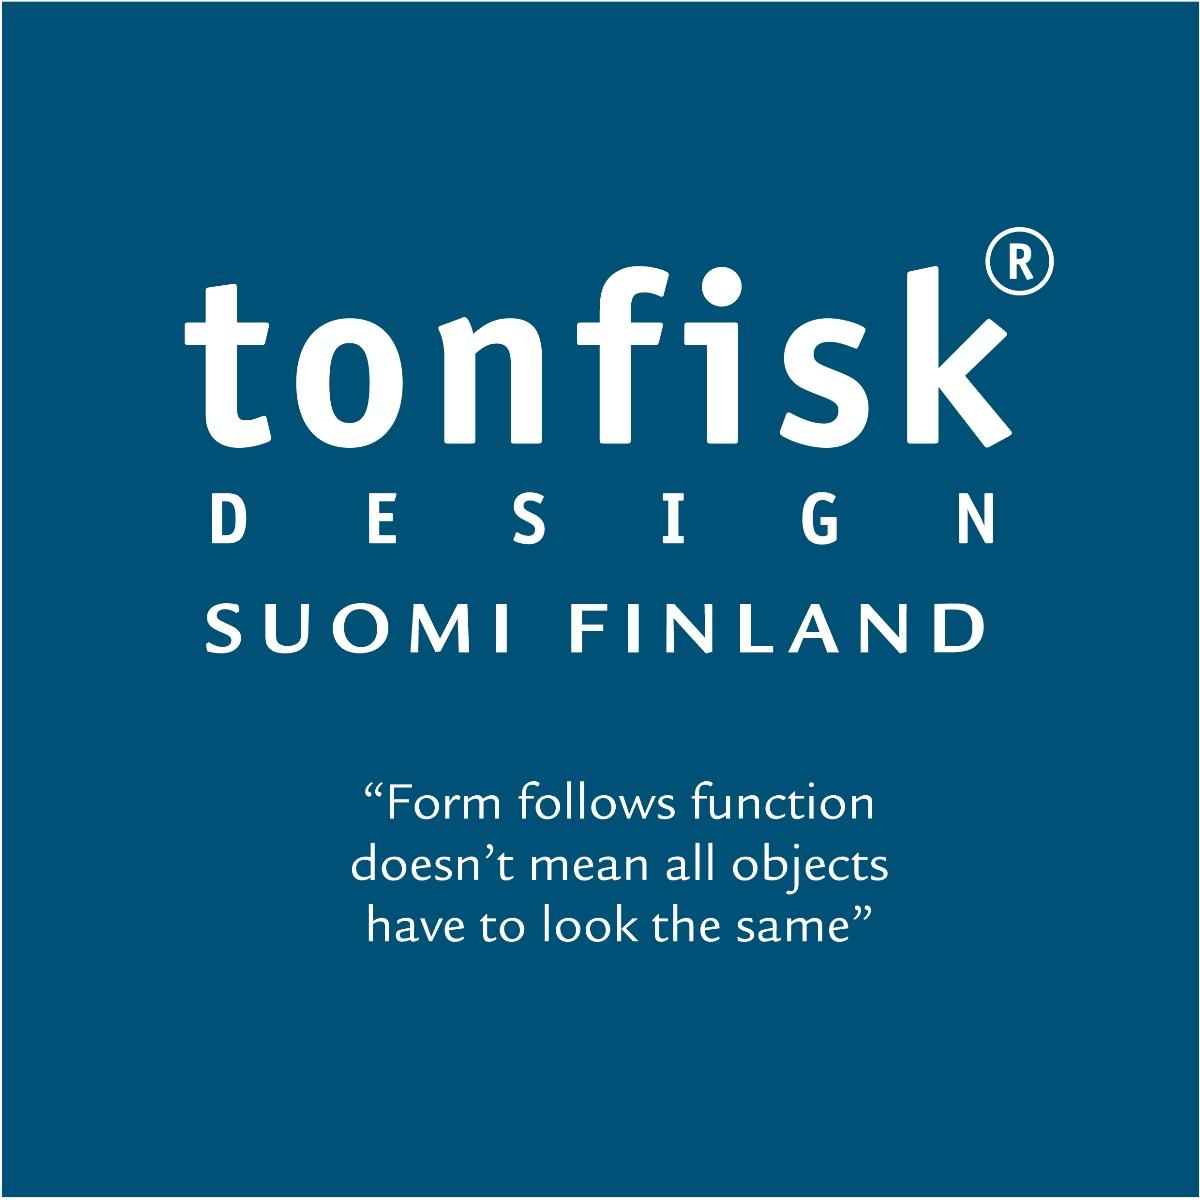 Tonfisk_logo_blue_slogan_1200px